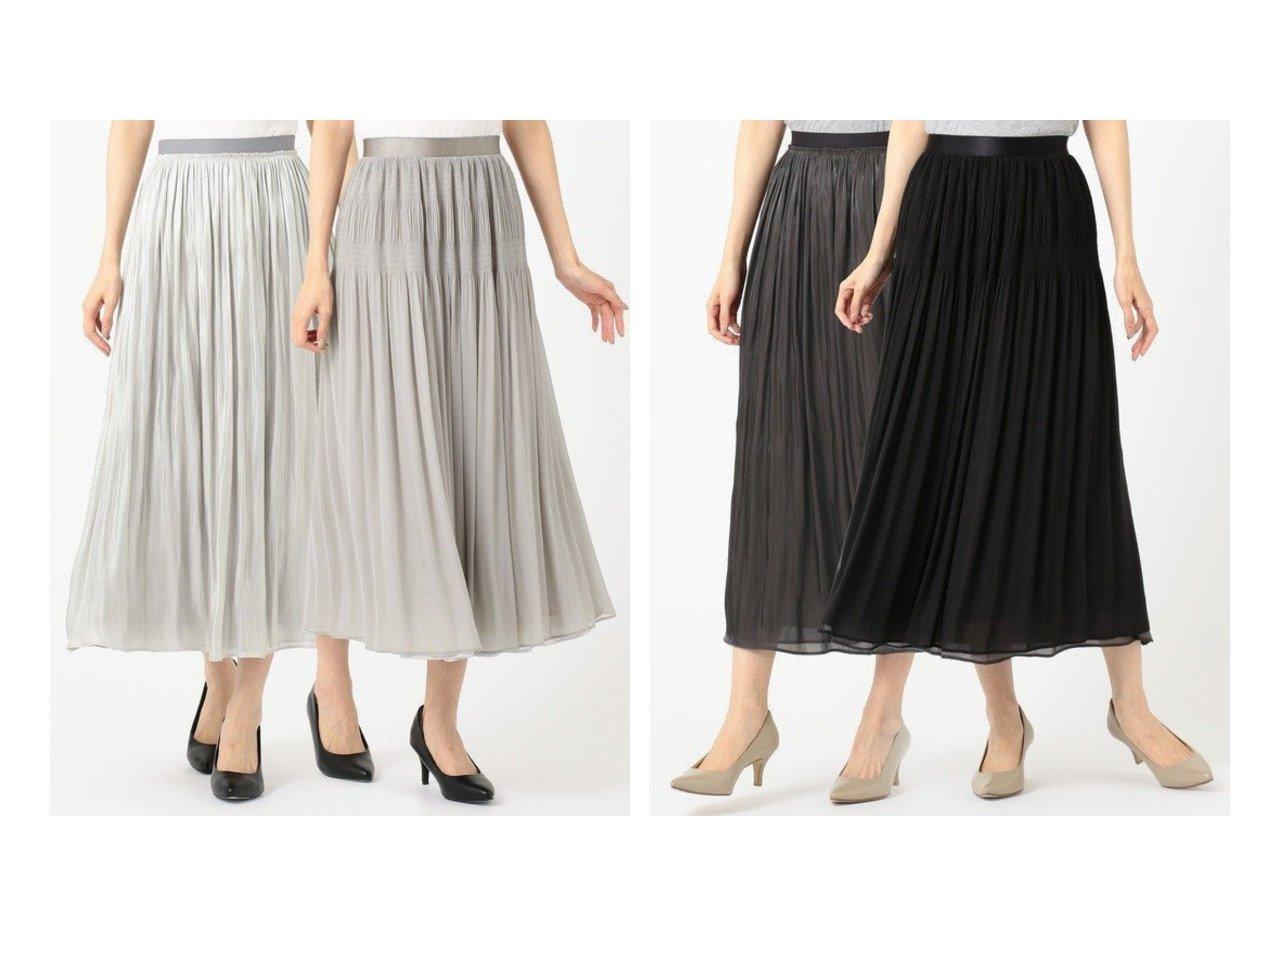 【JIYU-KU/自由区】のMAJOLICA リバーシブル スカート スカートのおすすめ!人気、レディースファッションの通販 おすすめで人気のファッション通販商品 インテリア・家具・キッズファッション・メンズファッション・レディースファッション・服の通販 founy(ファニー) https://founy.com/ ファッション Fashion レディース WOMEN スカート Skirt ギャザー サテン シフォン トレンド ドレープ プリーツ リバーシブル ロング  ID:crp329100000000987